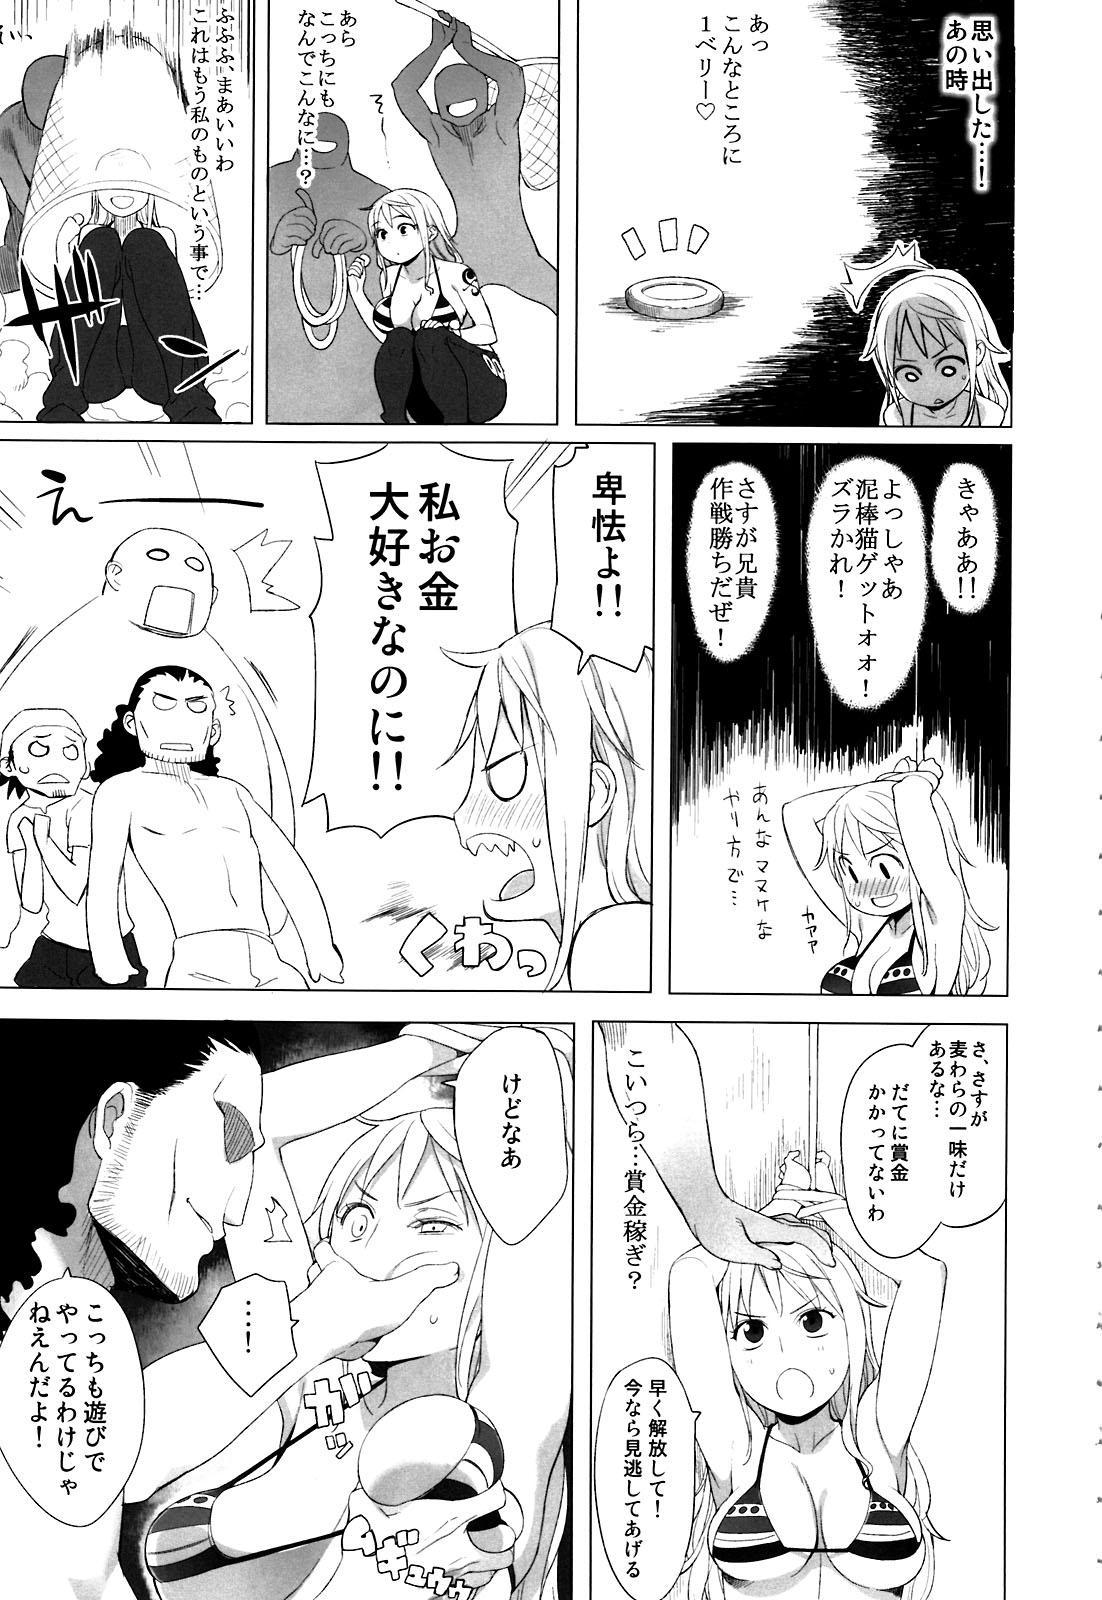 Nami-san ga! 4